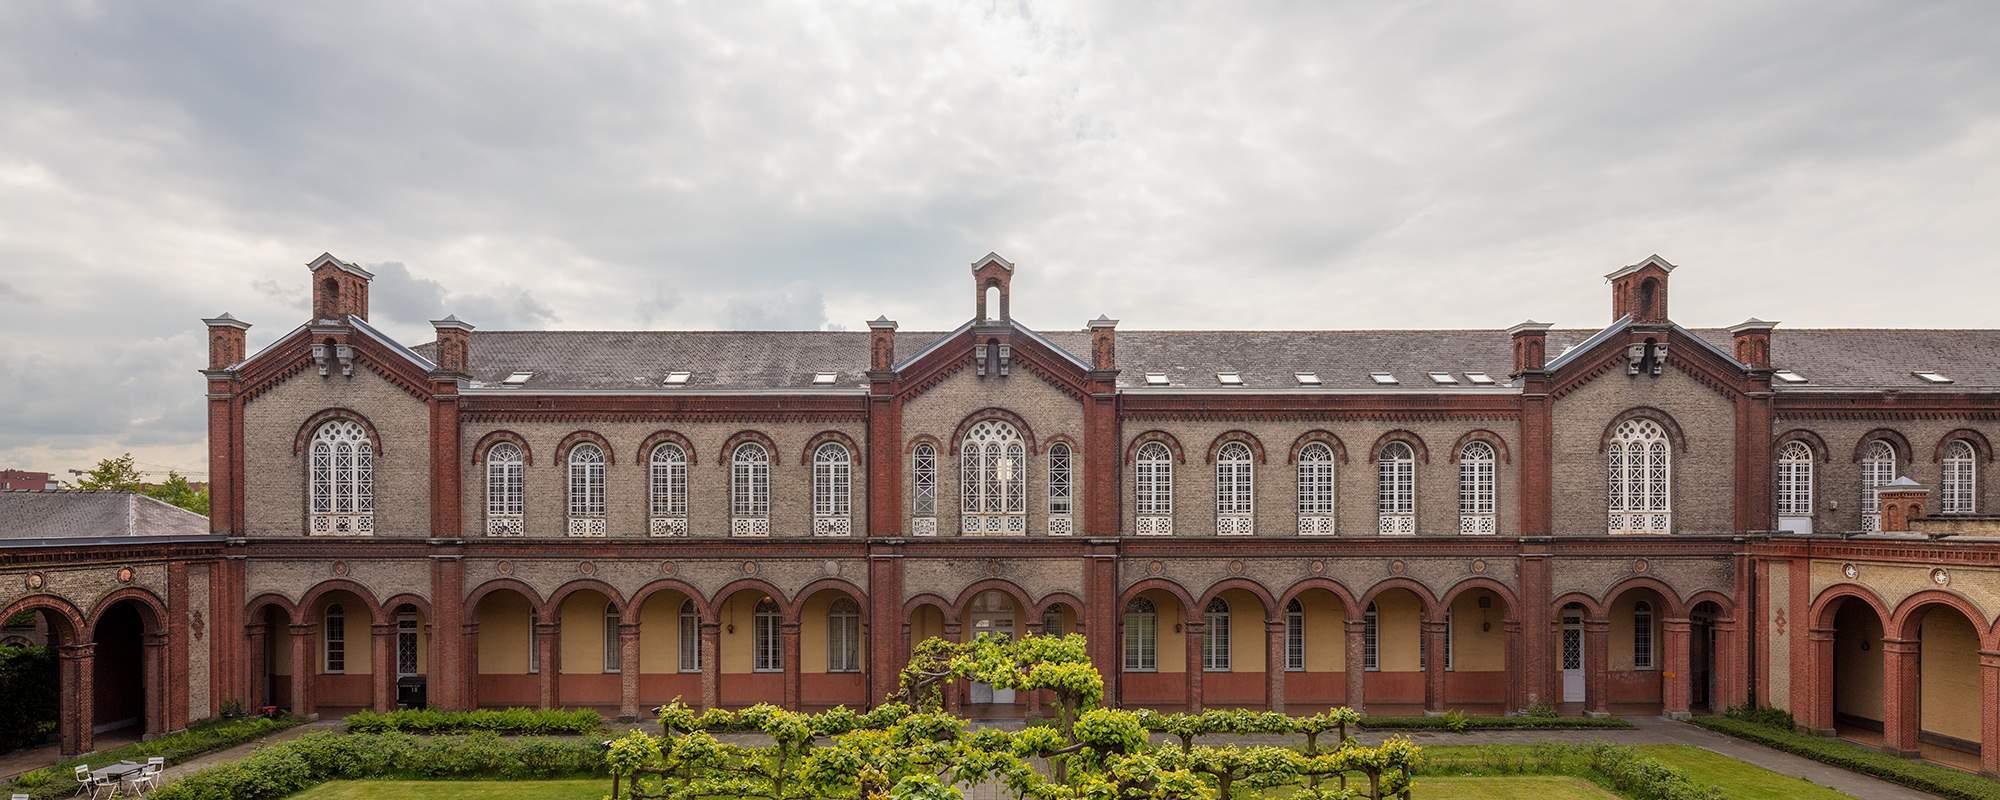 Guislain Museum 4940 43